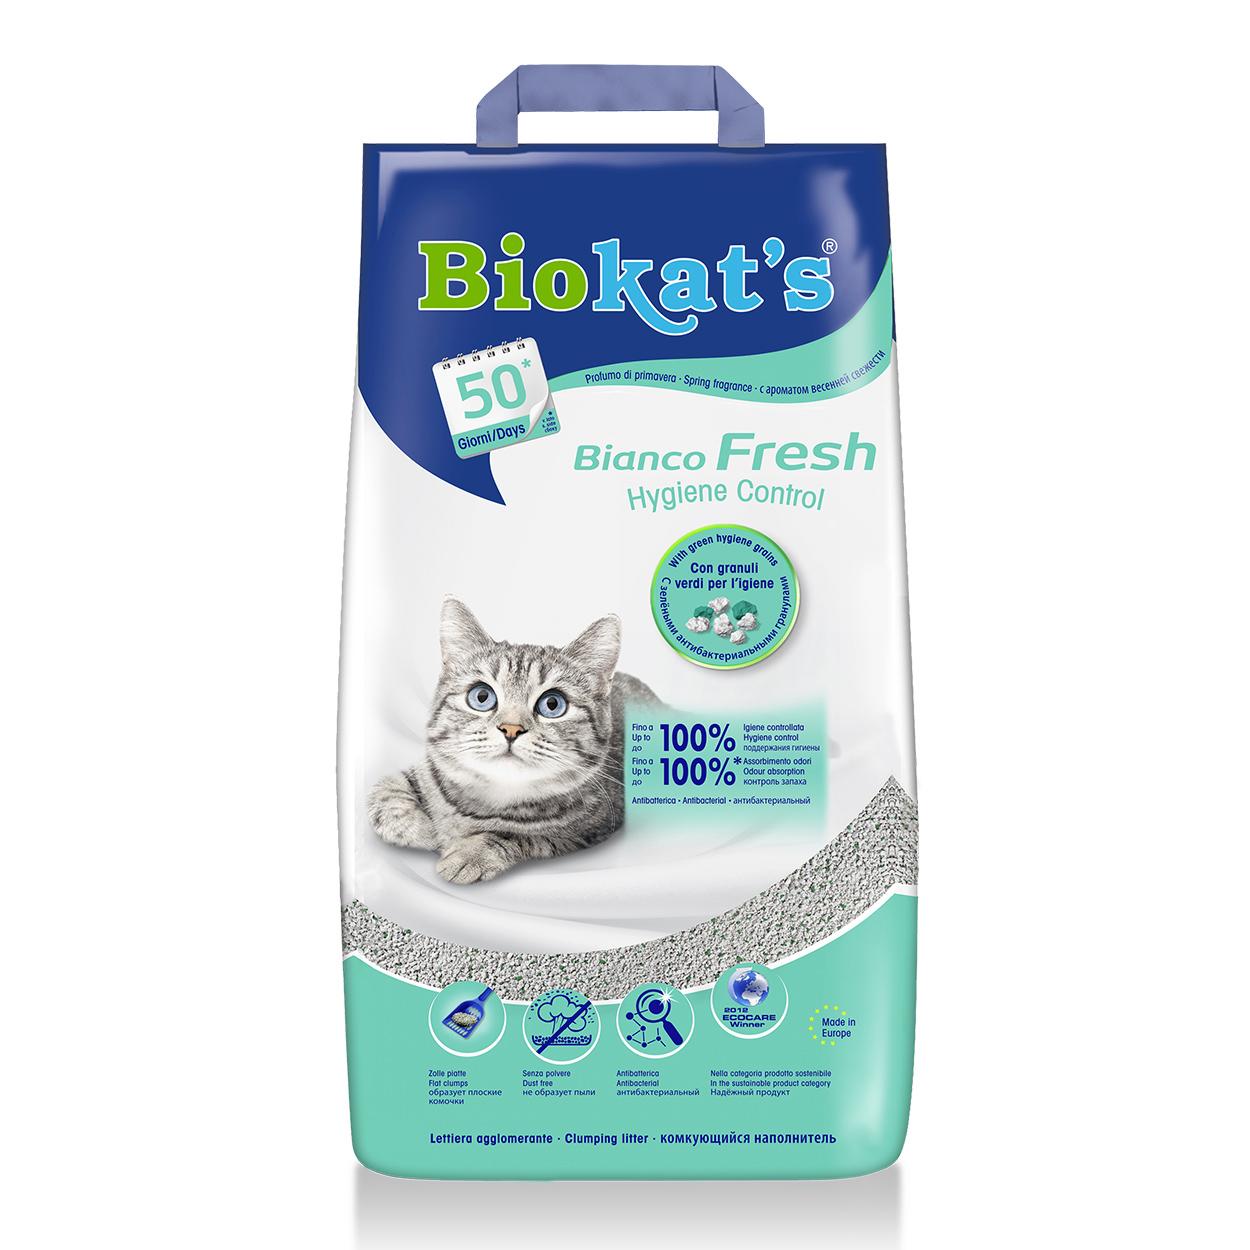 Песок Biokat`s (Биокатс) BIANCO FRESH (бентонитовый) 5кг - наполнитель туалета для кошек